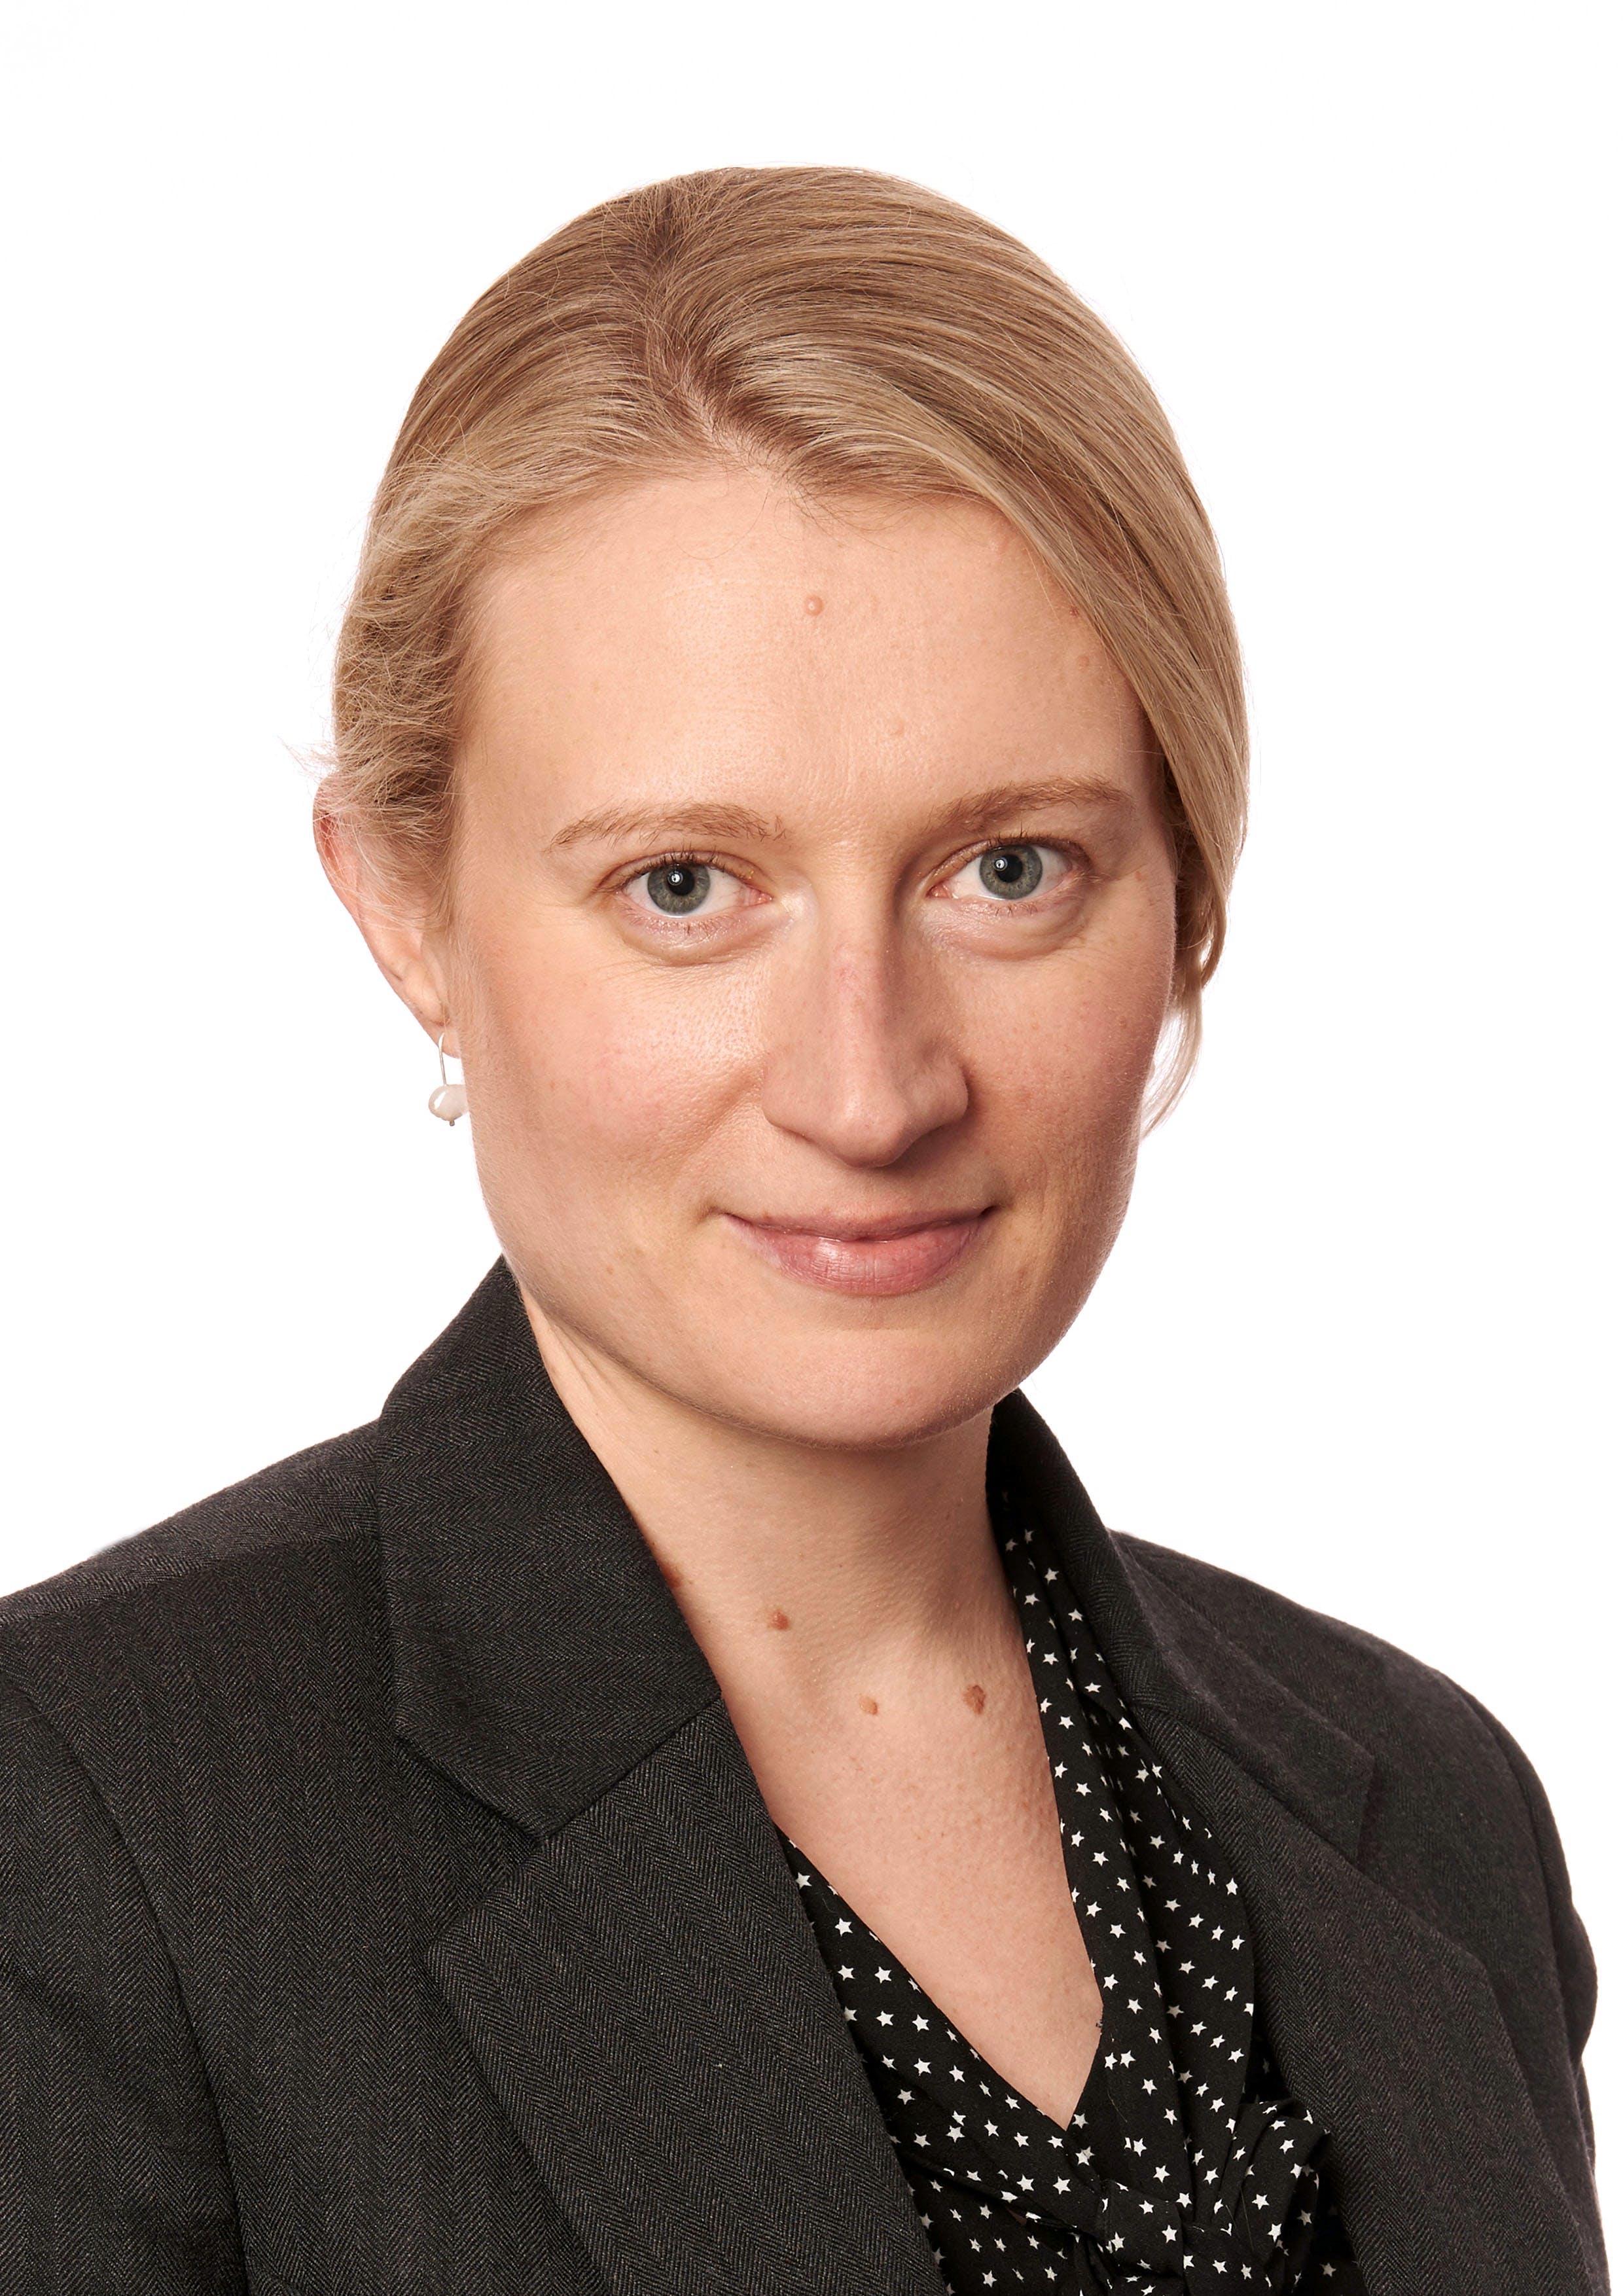 Kathryn Cecil